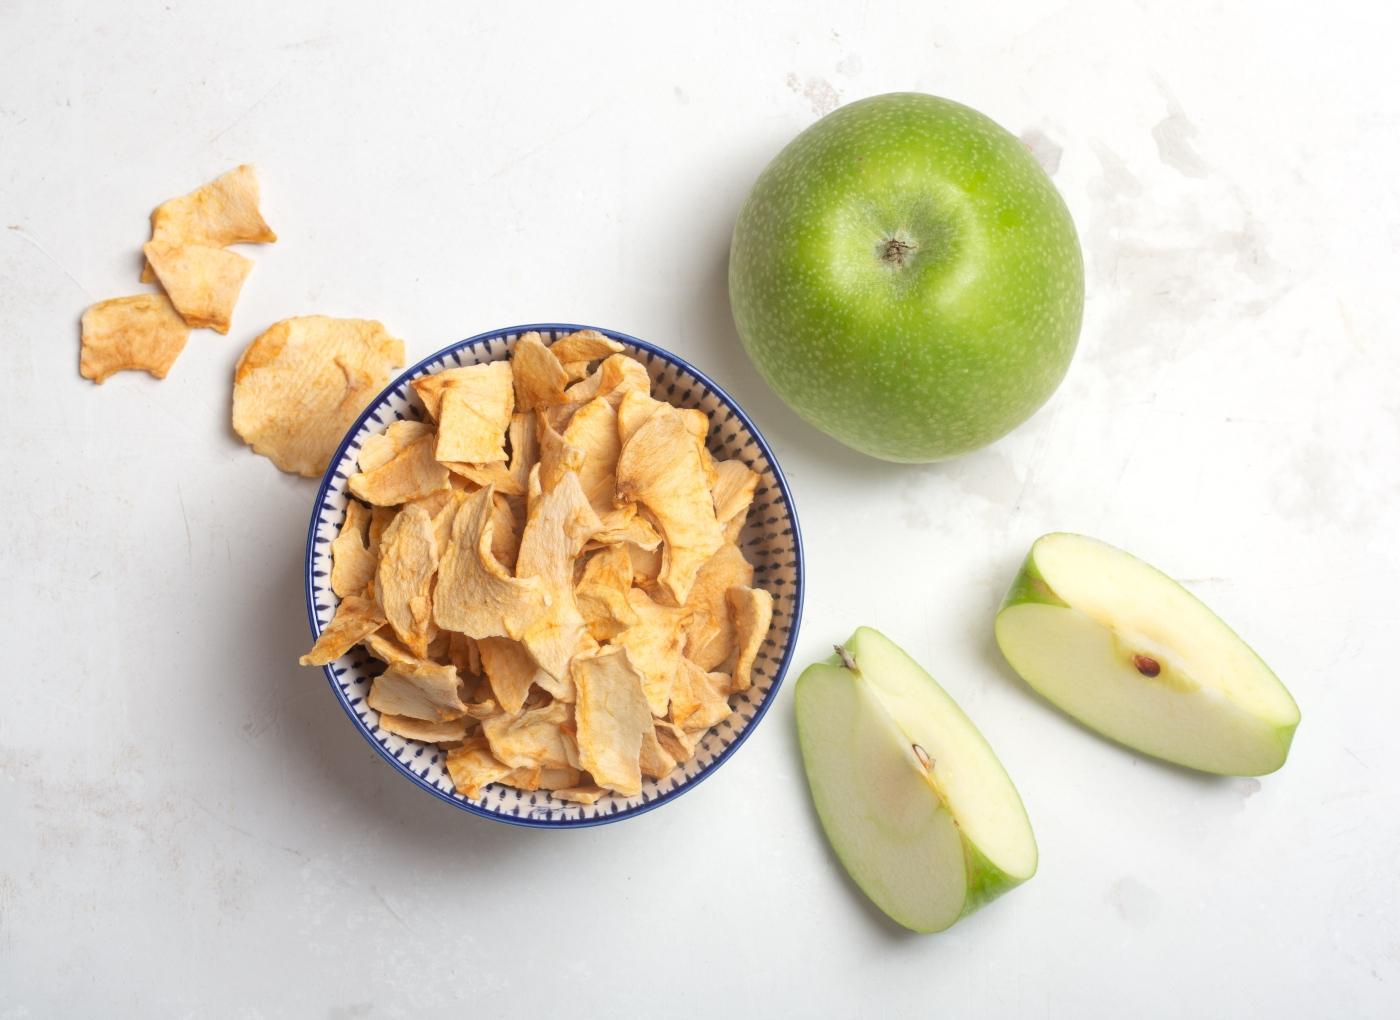 Fruta desidratada: maçã